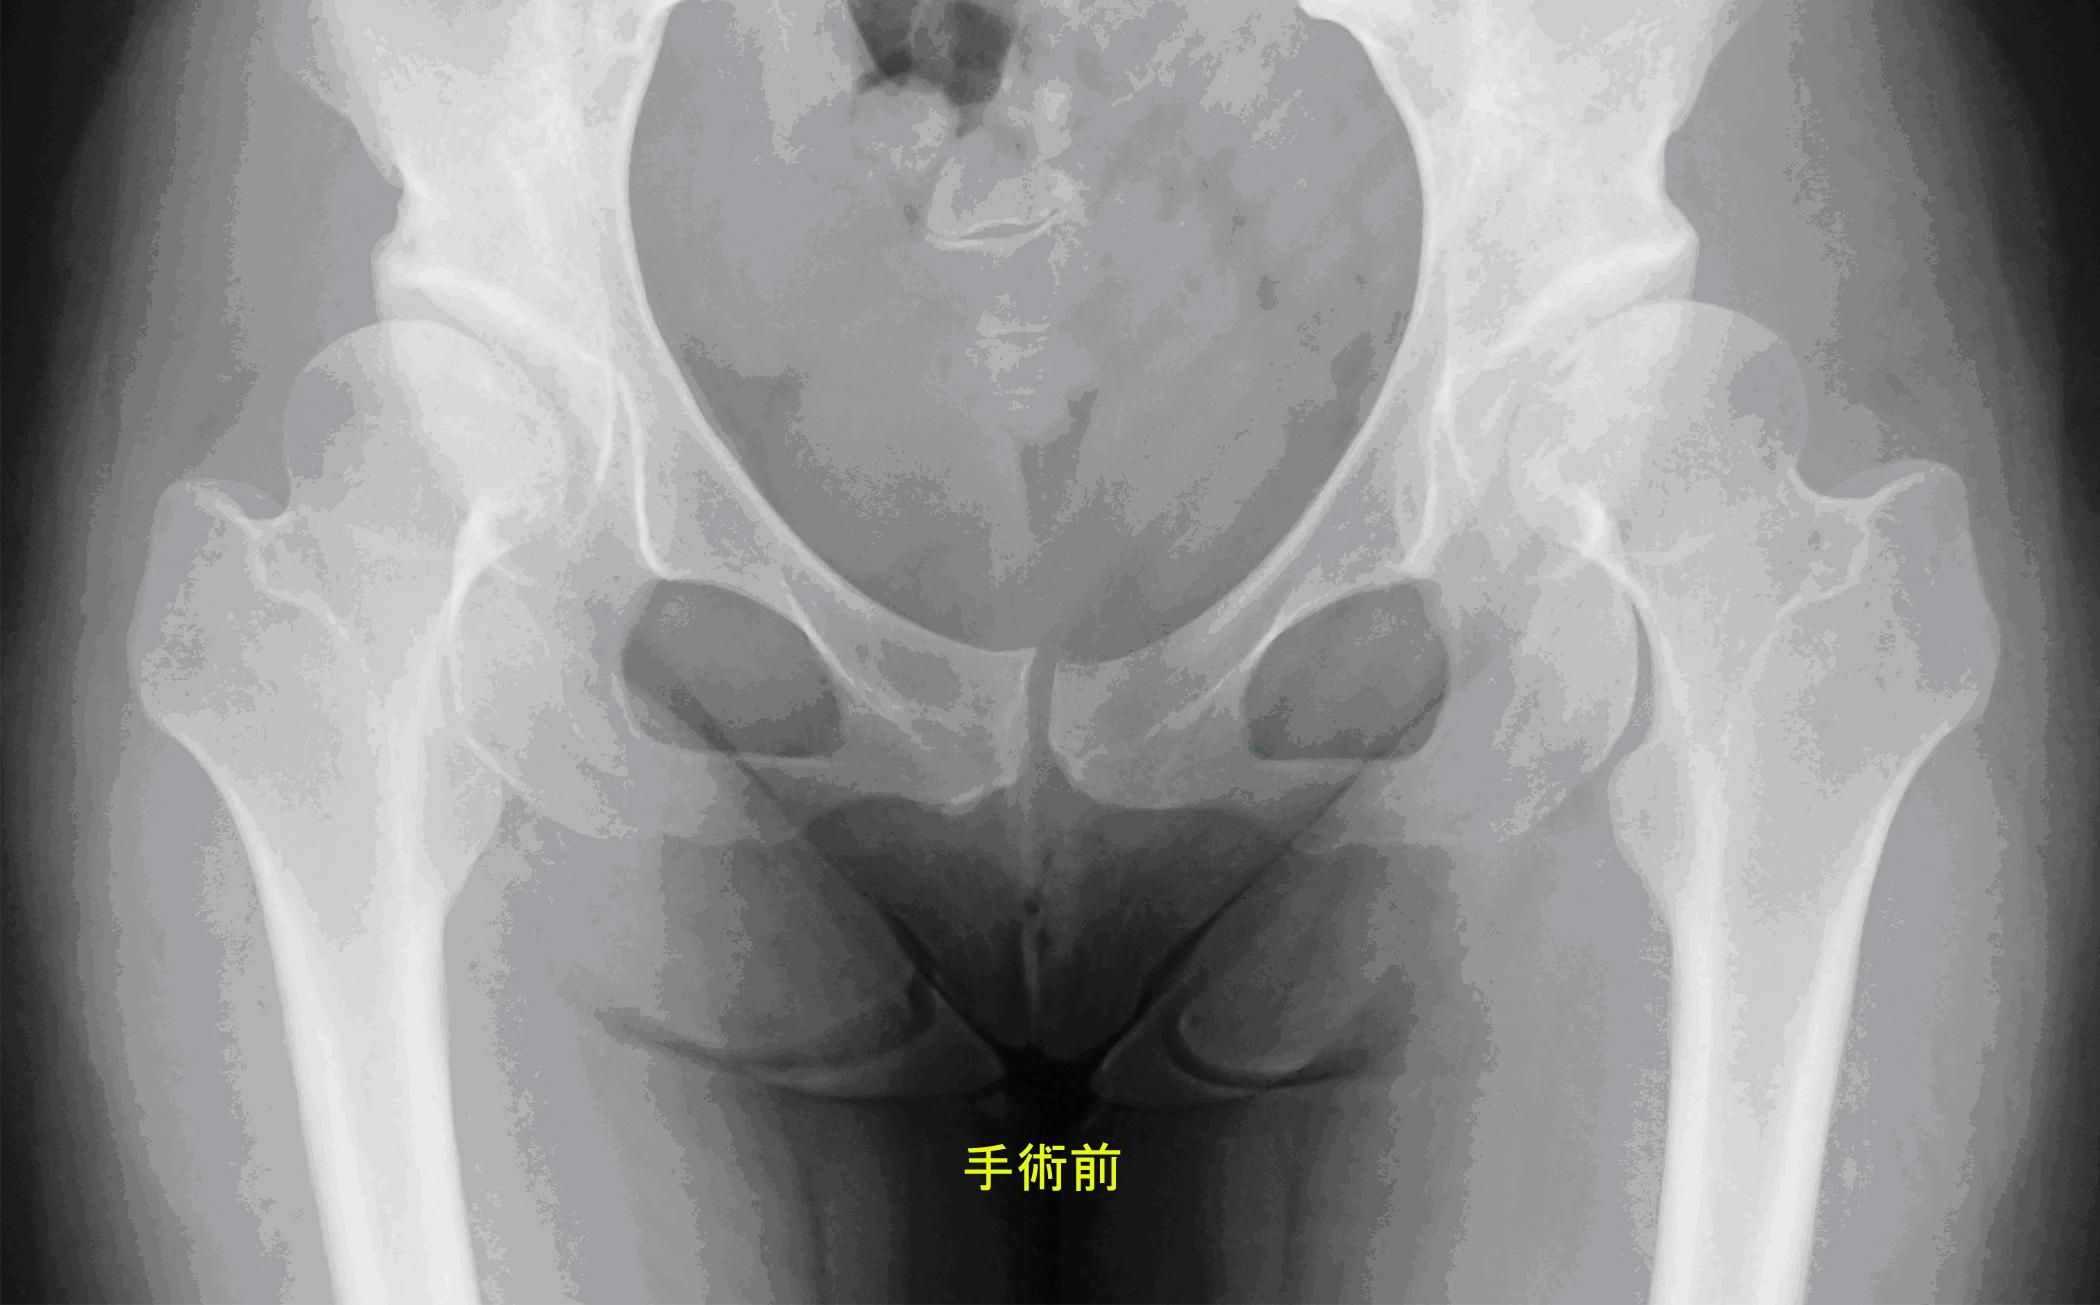 壊死 股関節